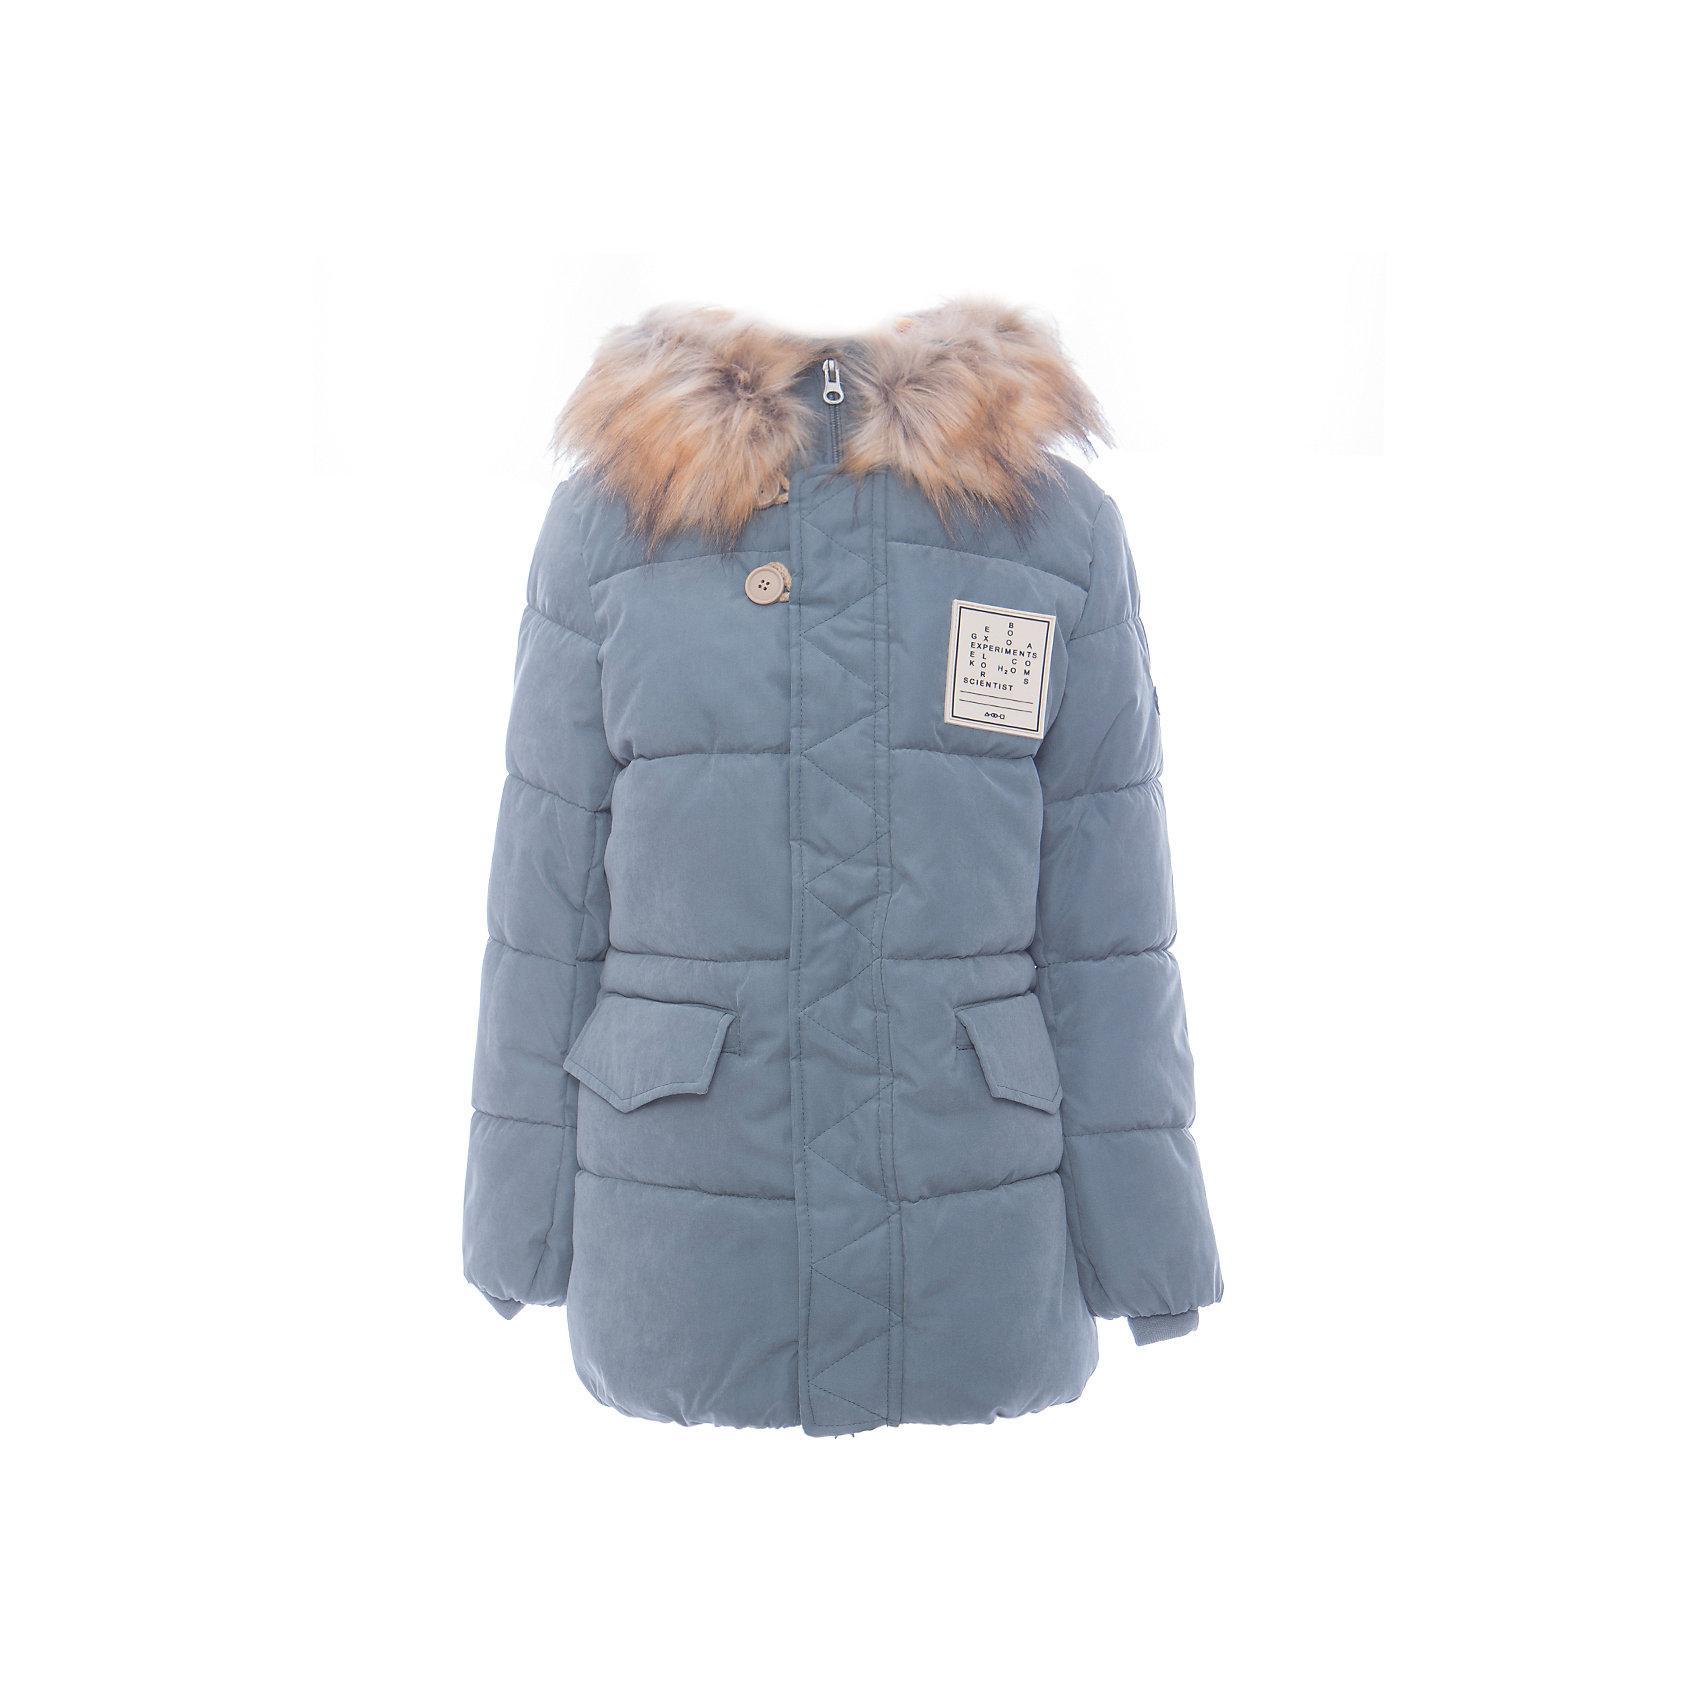 Куртка BOOM by Orby для мальчикаВерхняя одежда<br>Характеристики товара:<br><br>• цвет: серый<br>• состав ткани: оксфорд pu milky<br>• подкладка: хлопок, флис, полиэстер пуходержащий<br>• утеплитель: эко-синтепон<br>• сезон: зима<br>• температурный режим: от 0 до -30С<br>• плотность утеплителя: 400 г/м2<br>• капюшон: с мехом<br>• застежка: молния<br>• страна бренда: Россия<br>• страна изготовитель: Россия<br><br>Серая теплая куртка для мальчика поможет защитить ребенка от холода. Детская теплая куртка дополнена удобным капюшоном, планкой от ветра и карманами. Такая детская куртка отлично подойдет для зимних холодов. <br><br>Куртку для мальчика BOOM by Orby (Бум бай Орби) можно купить в нашем интернет-магазине.<br><br>Ширина мм: 356<br>Глубина мм: 10<br>Высота мм: 245<br>Вес г: 519<br>Цвет: серый<br>Возраст от месяцев: 168<br>Возраст до месяцев: 180<br>Пол: Мужской<br>Возраст: Детский<br>Размер: 170,104,98,110,116,122,128,134,140,146,152,158,164<br>SKU: 7090867